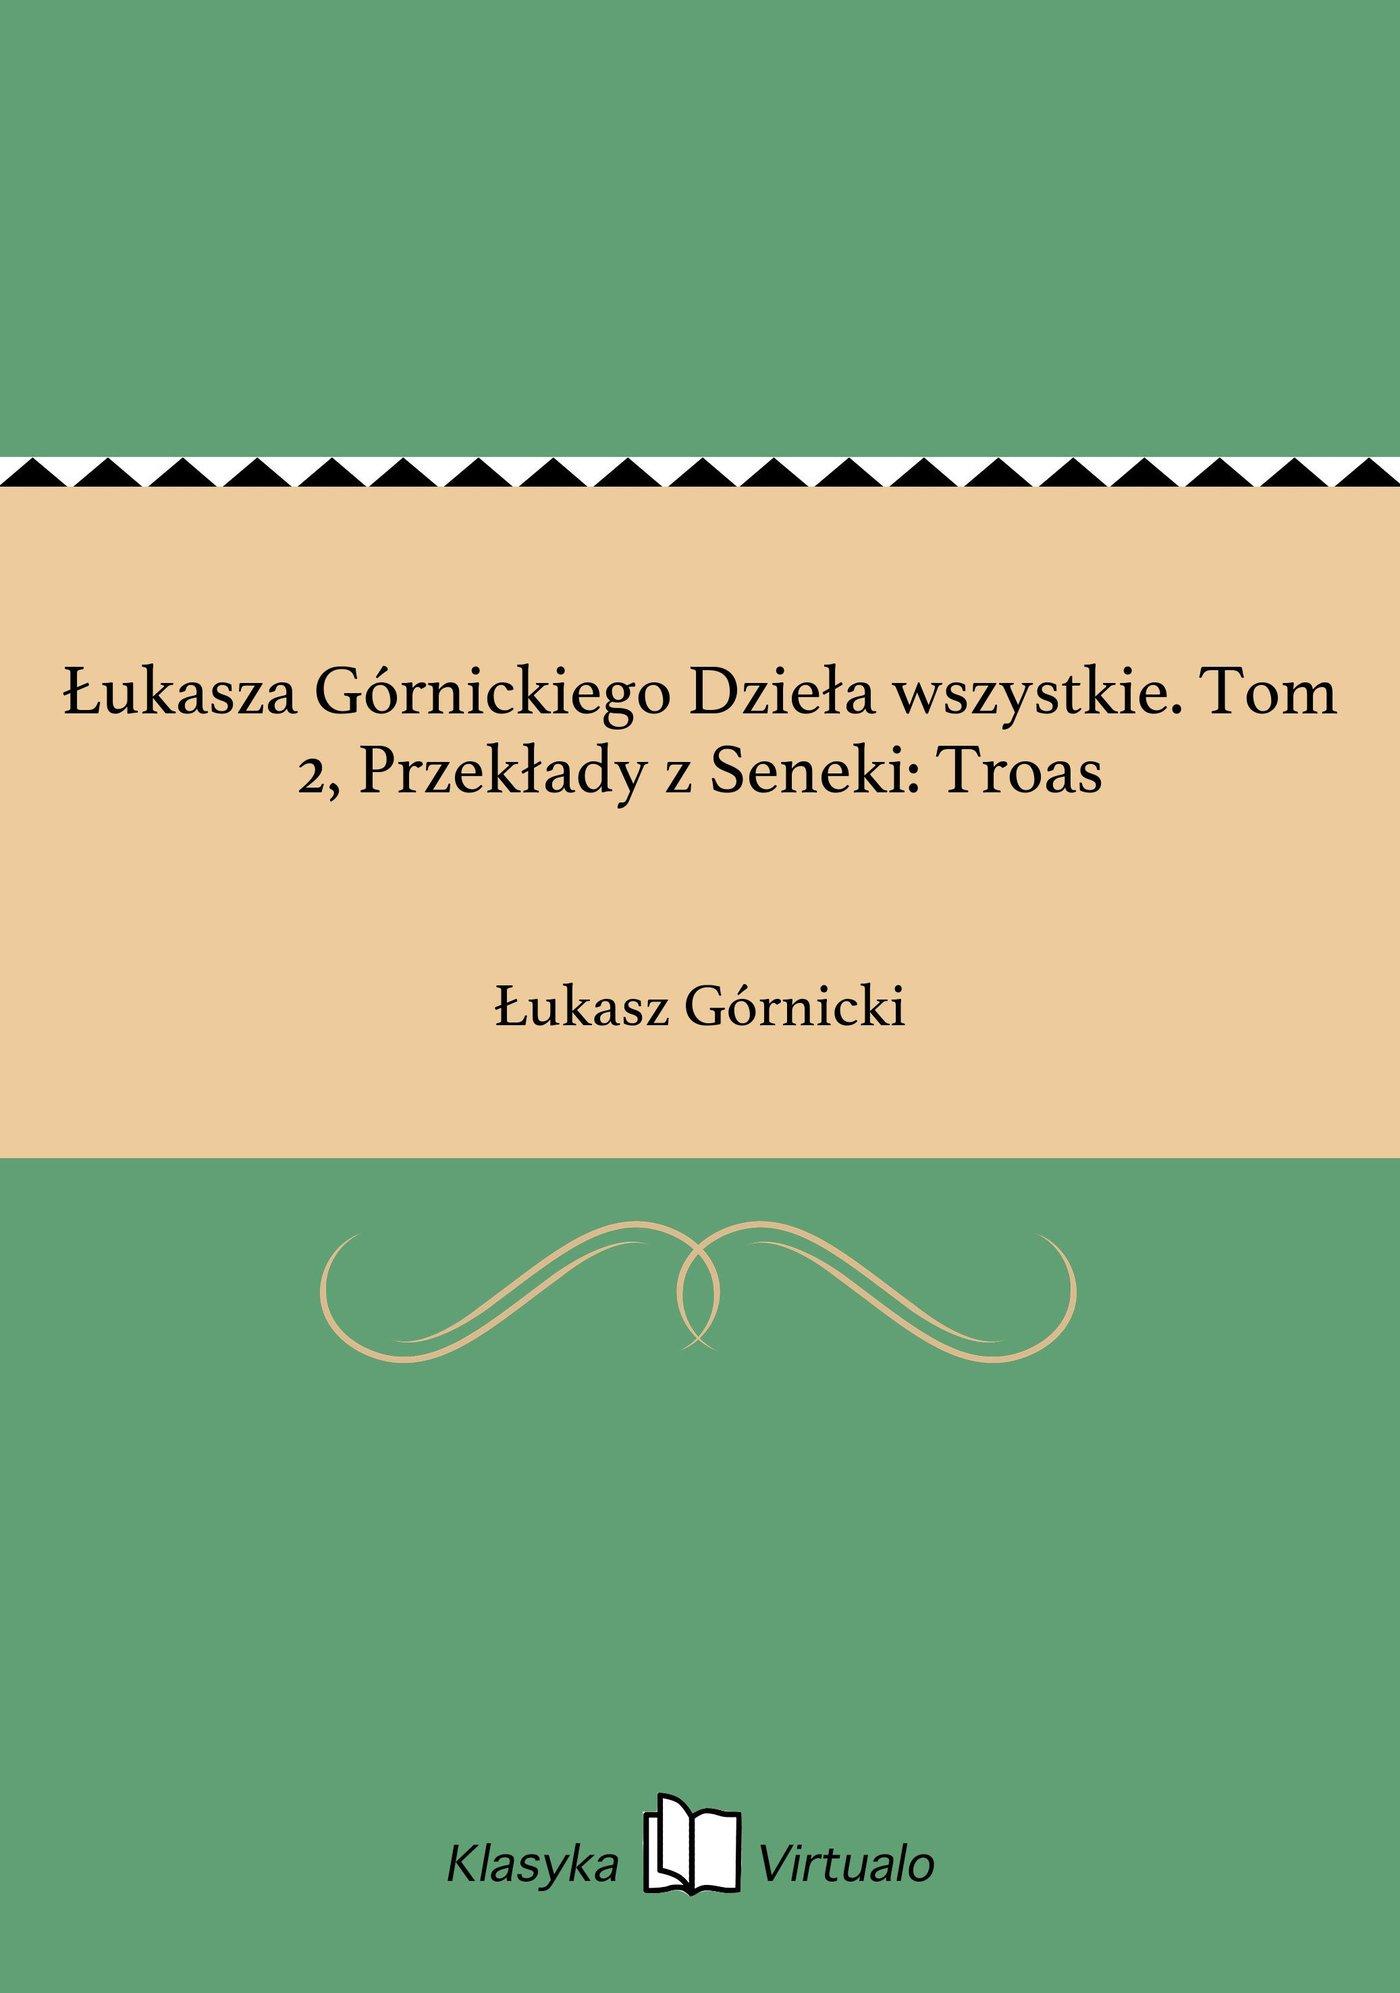 Łukasza Górnickiego Dzieła wszystkie. Tom 2, Przekłady z Seneki: Troas - Ebook (Książka EPUB) do pobrania w formacie EPUB